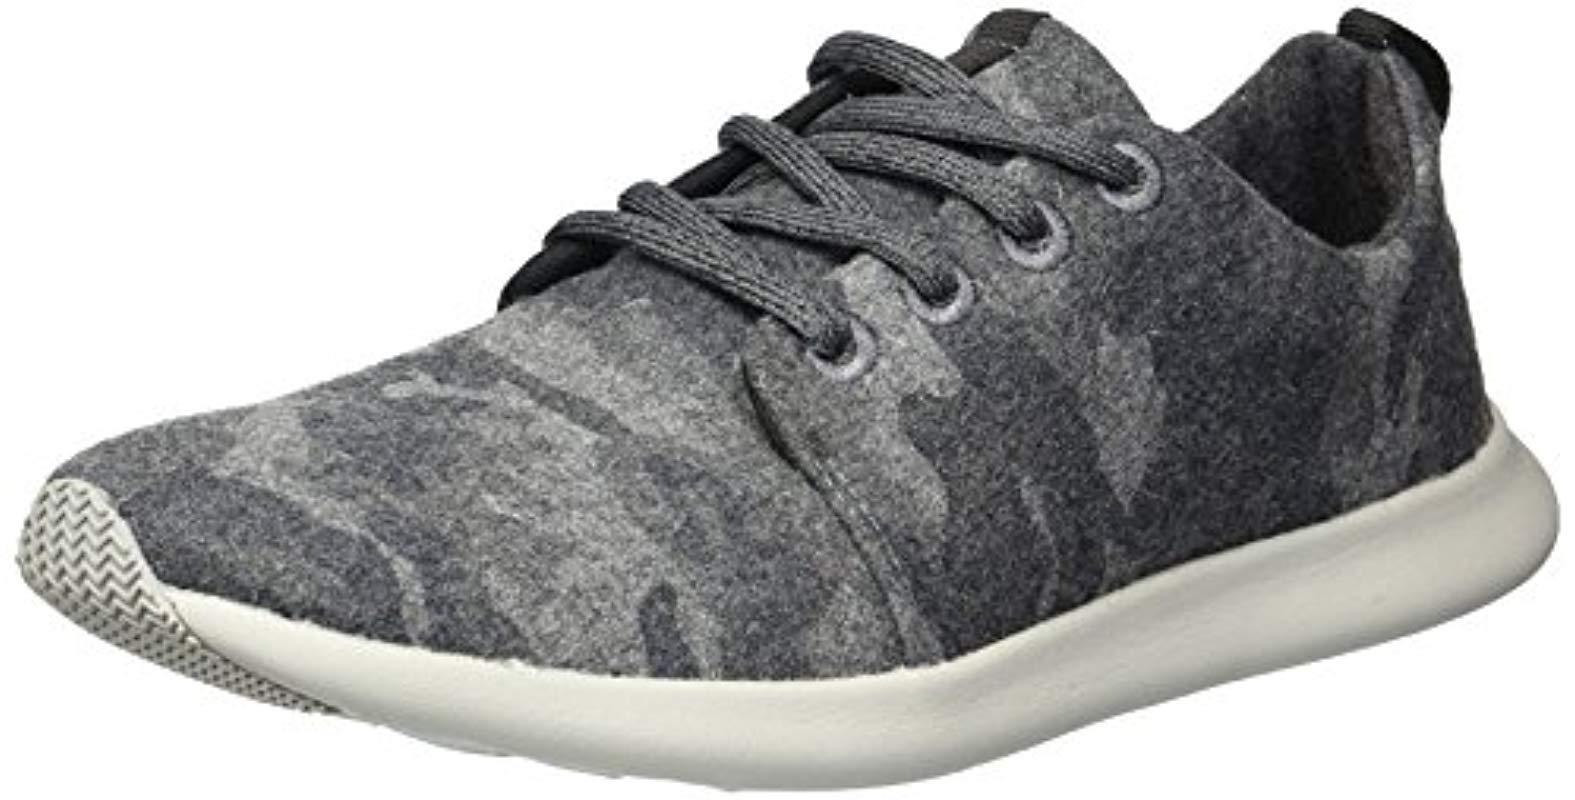 647d0eda3f9 Lyst - Steve Madden Boyer Sneaker in Gray for Men - Save 21%